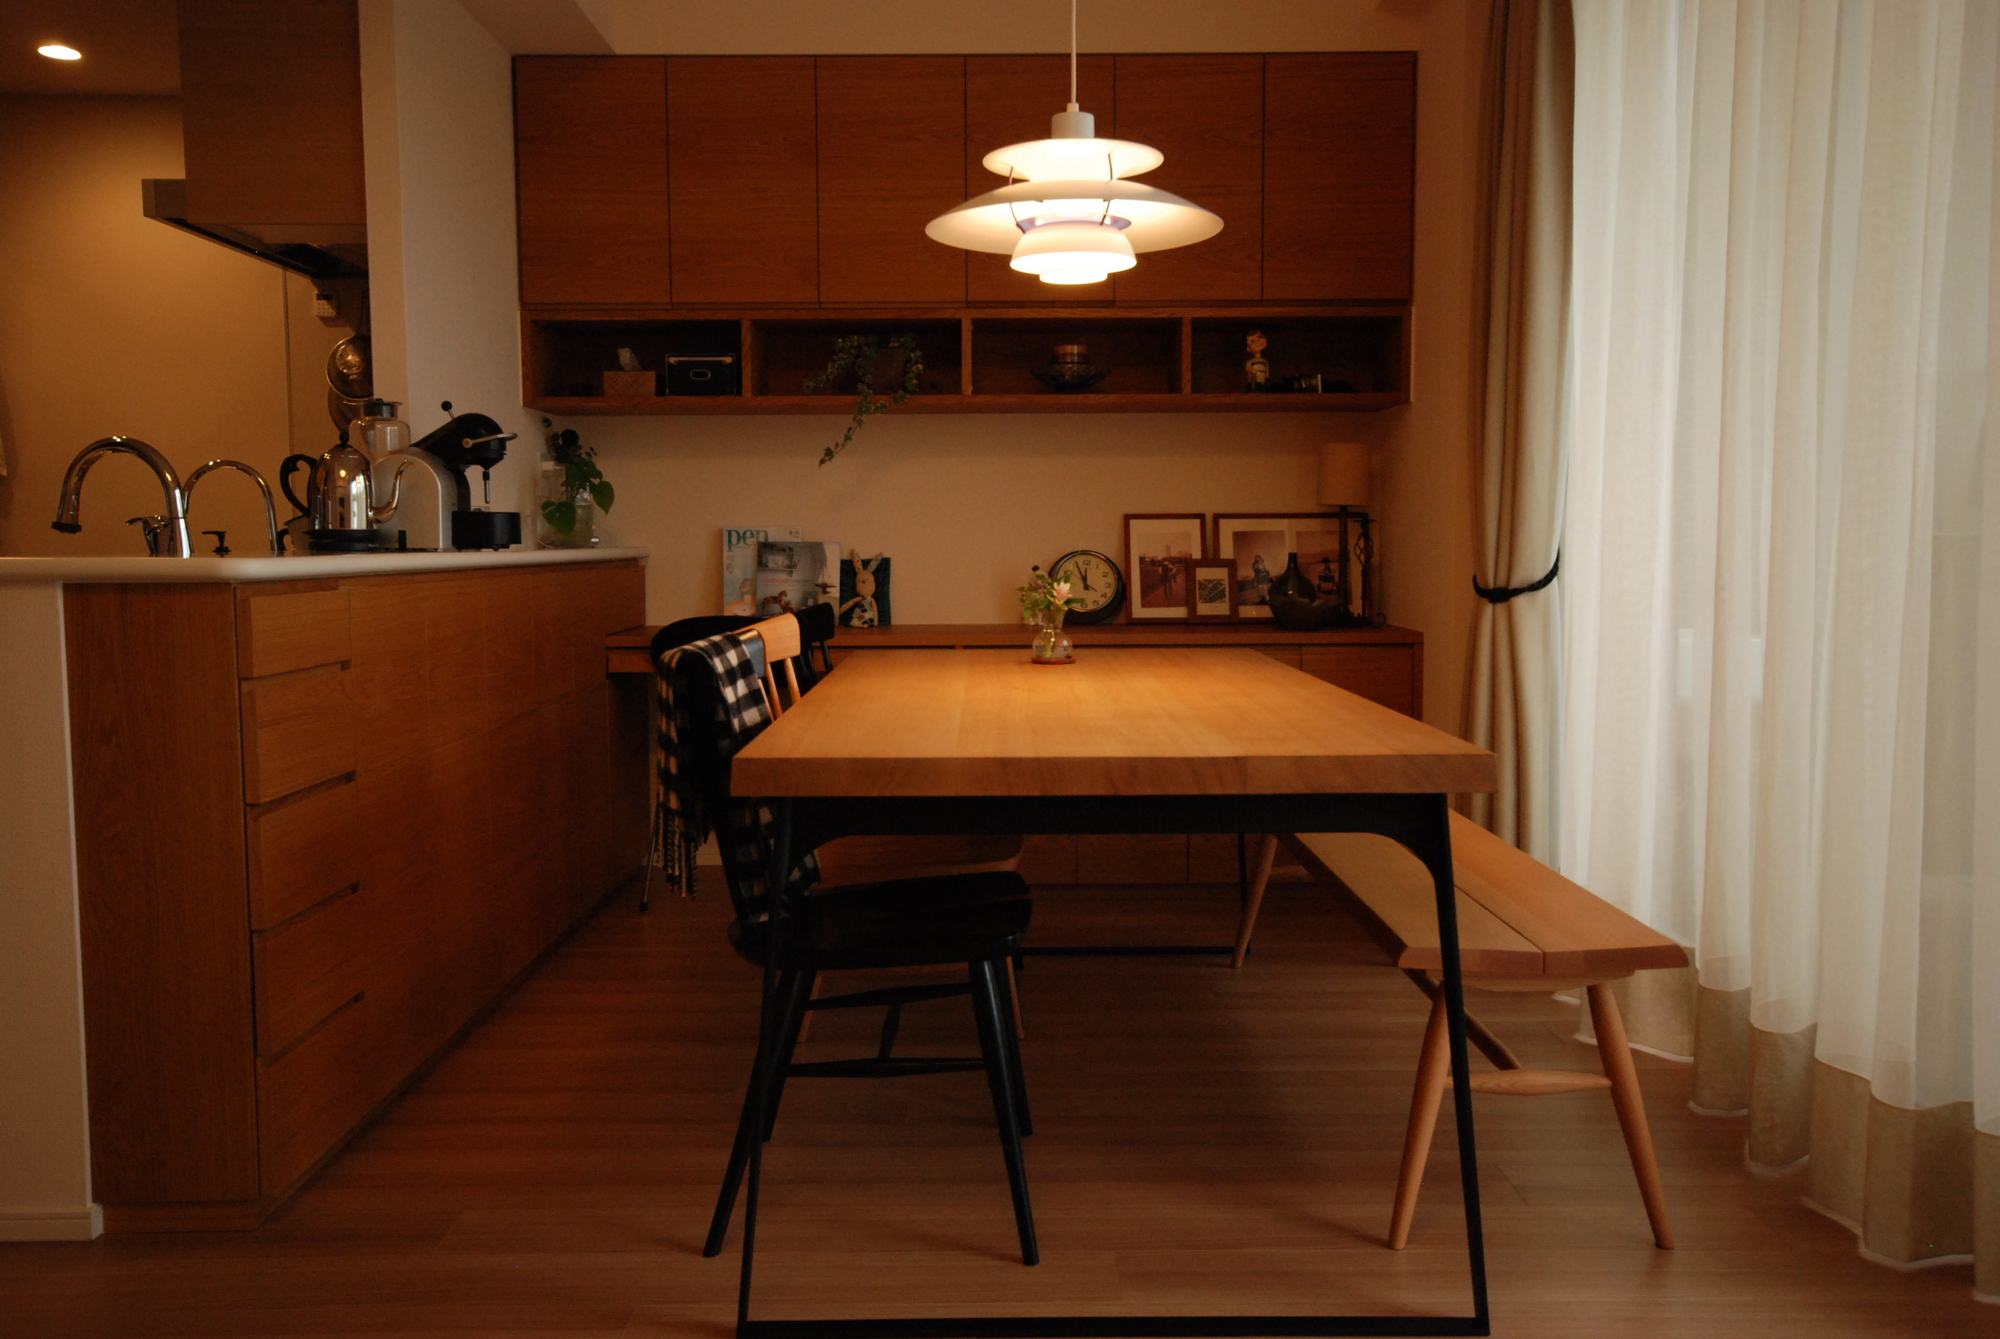 暮らしにとけ込む家具たち、モノたち